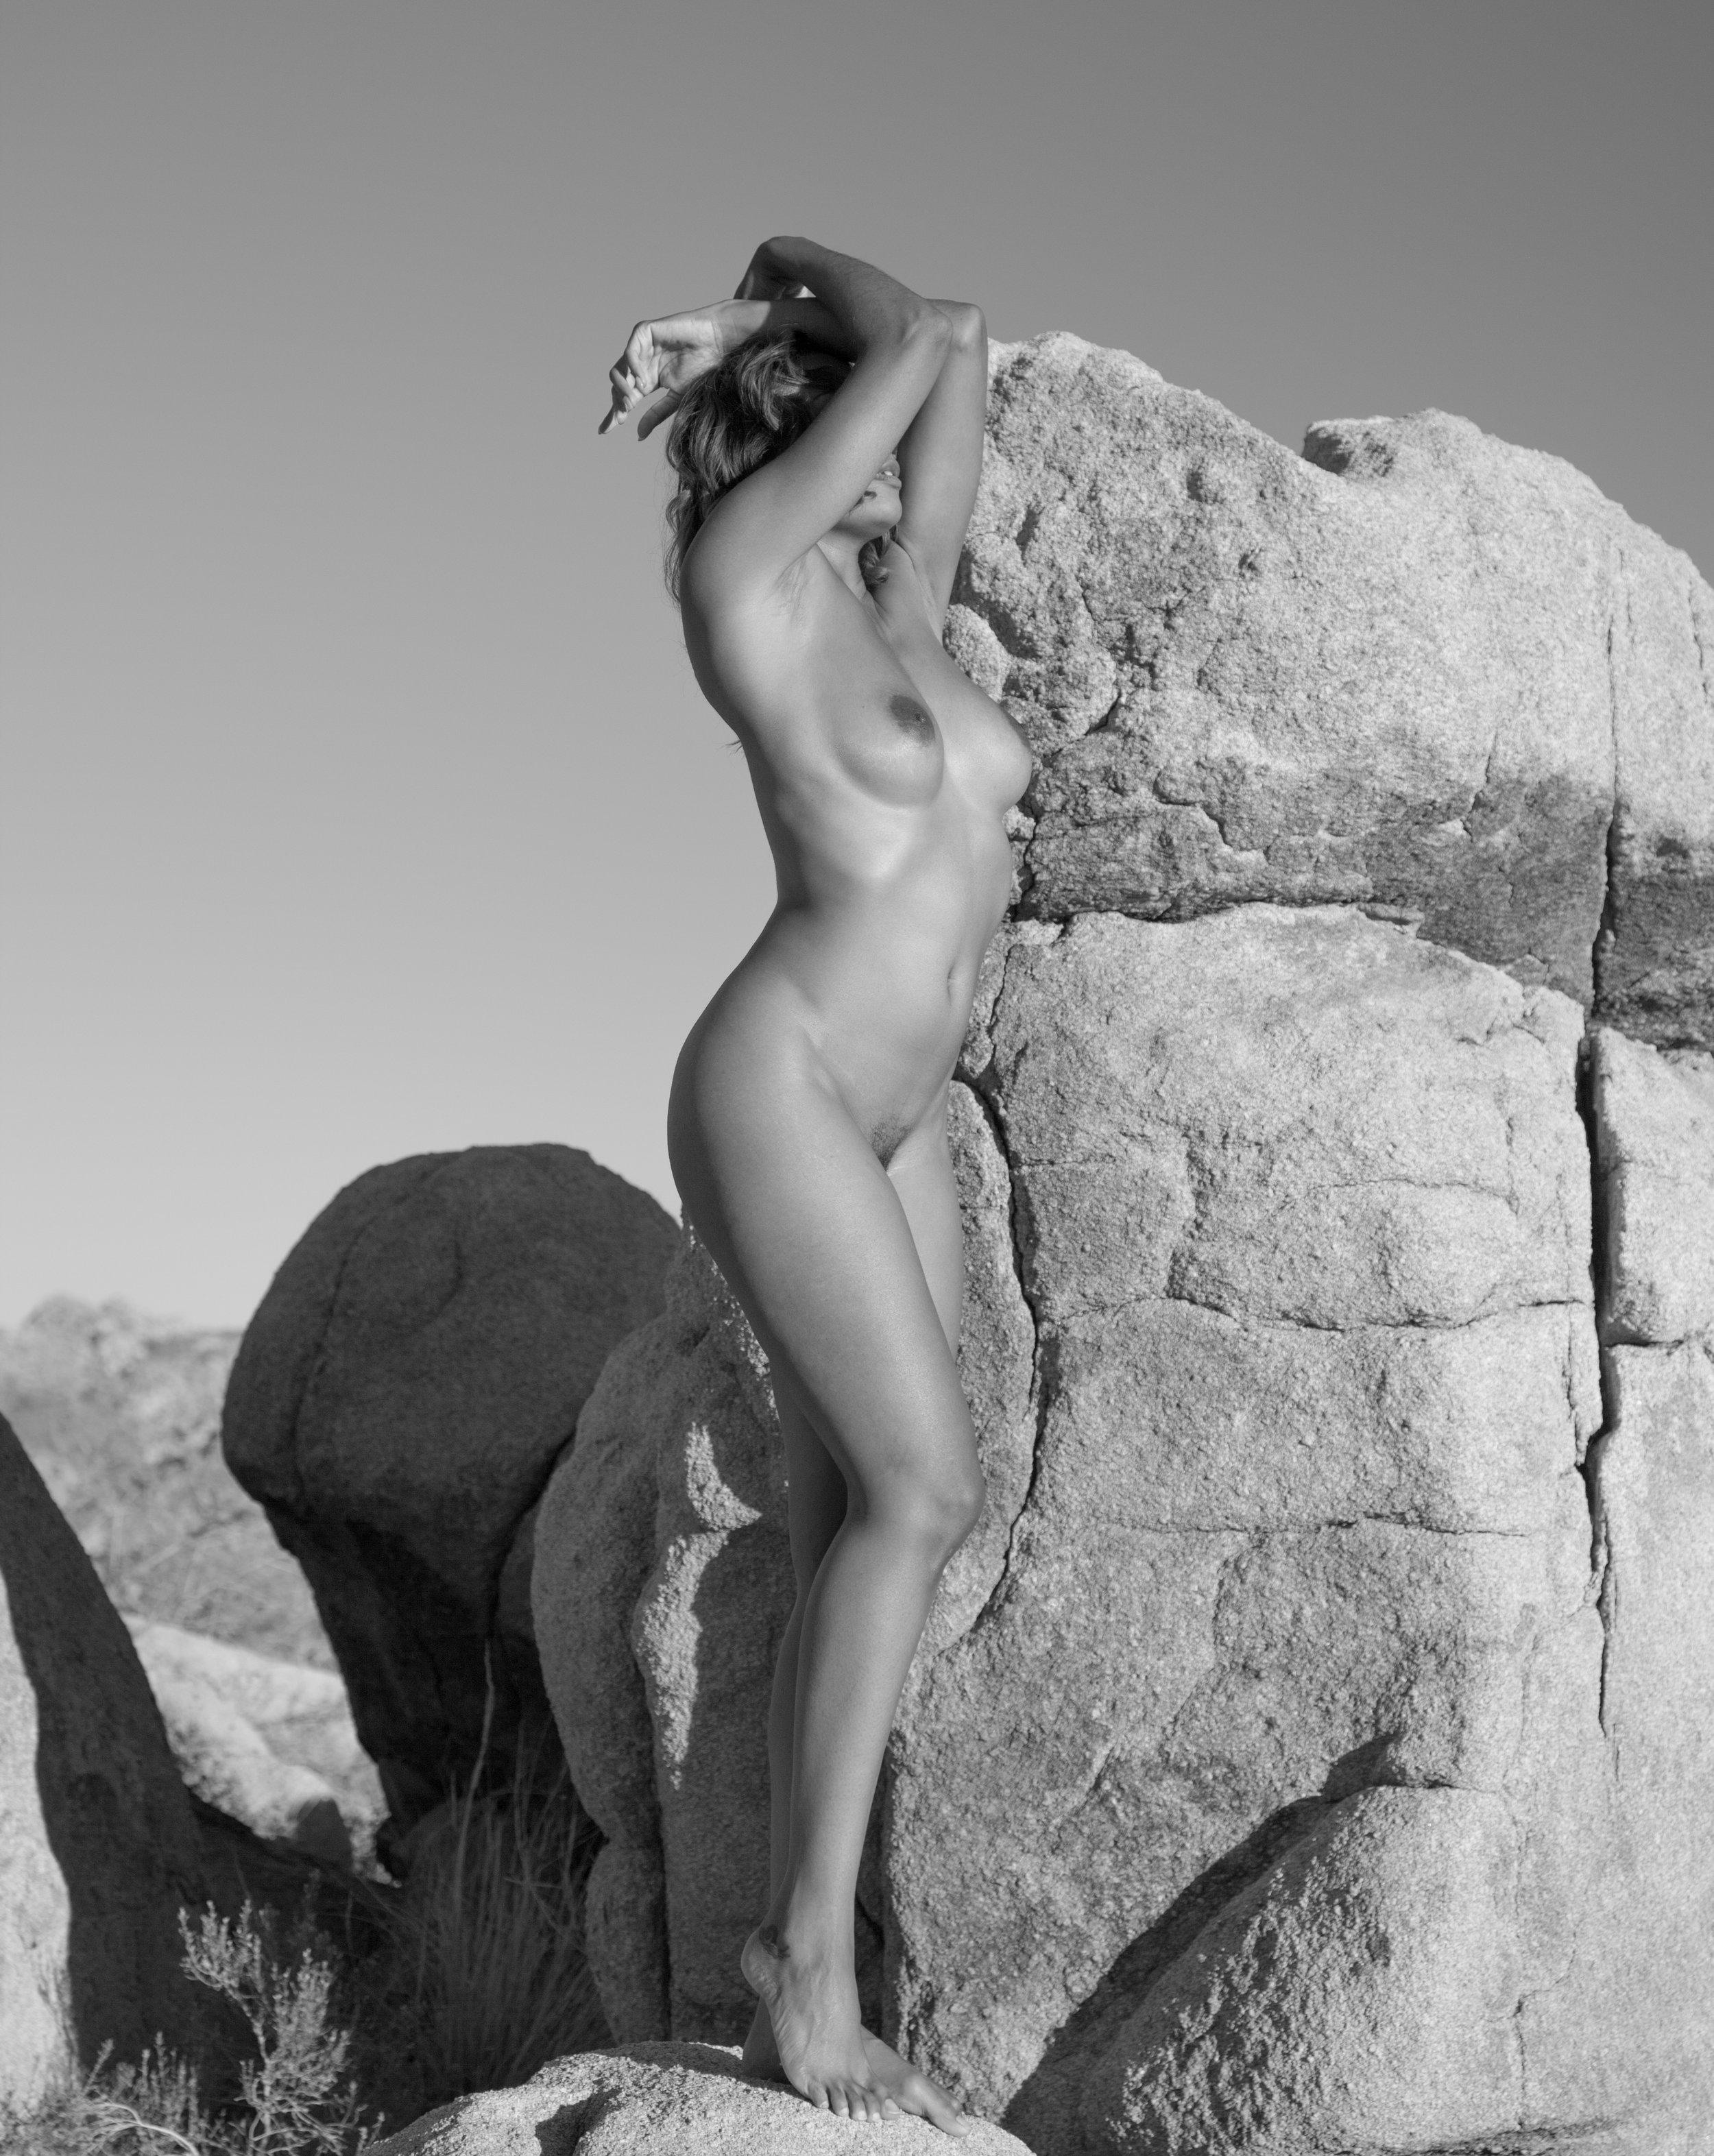 Merrique on the rock 3.jpg